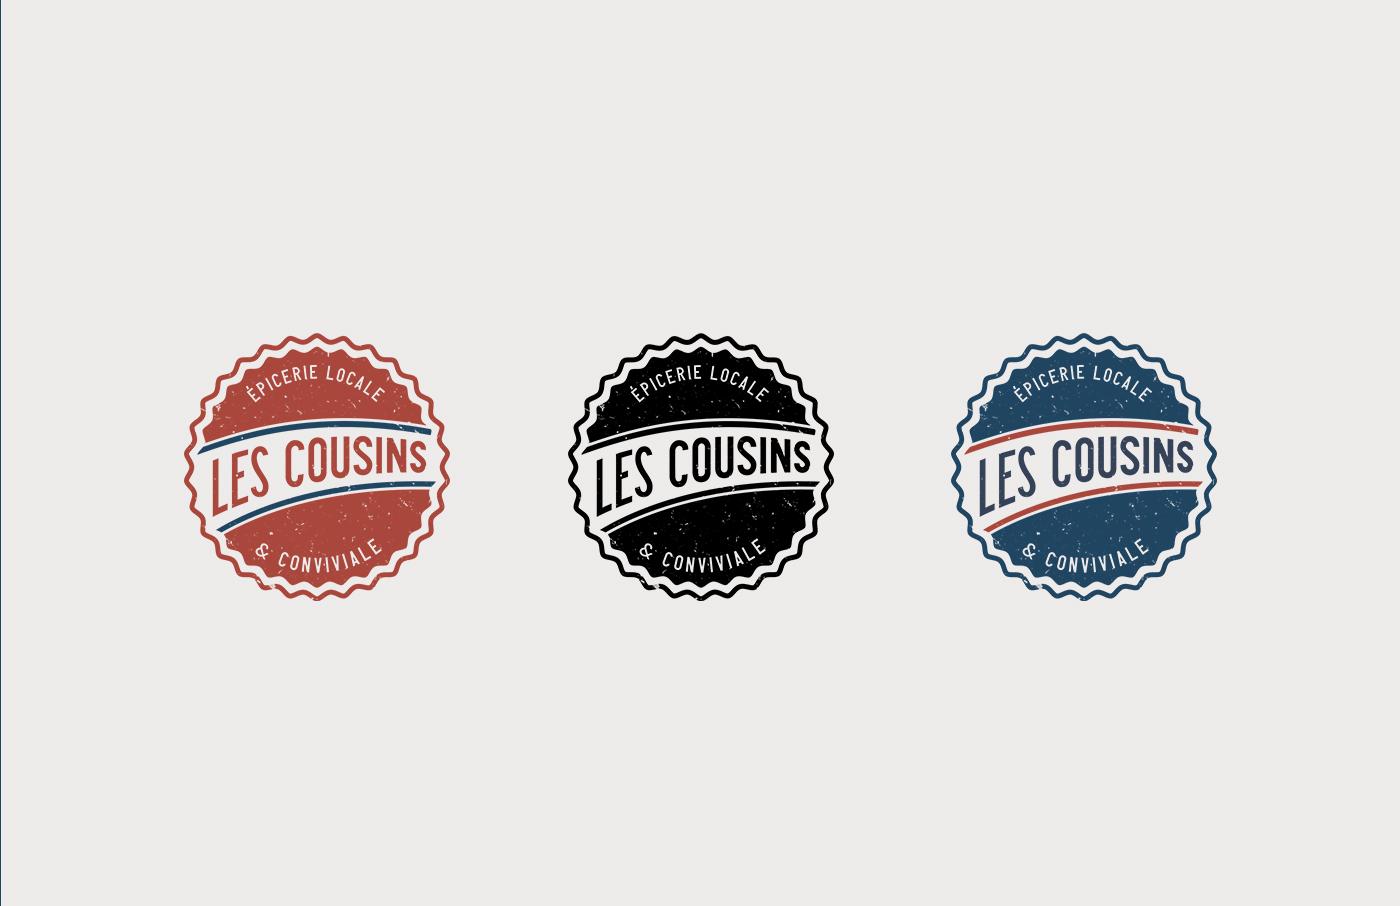 Les Cousins logo secondaire déclinaisons - Mathieu Dupuis freelance